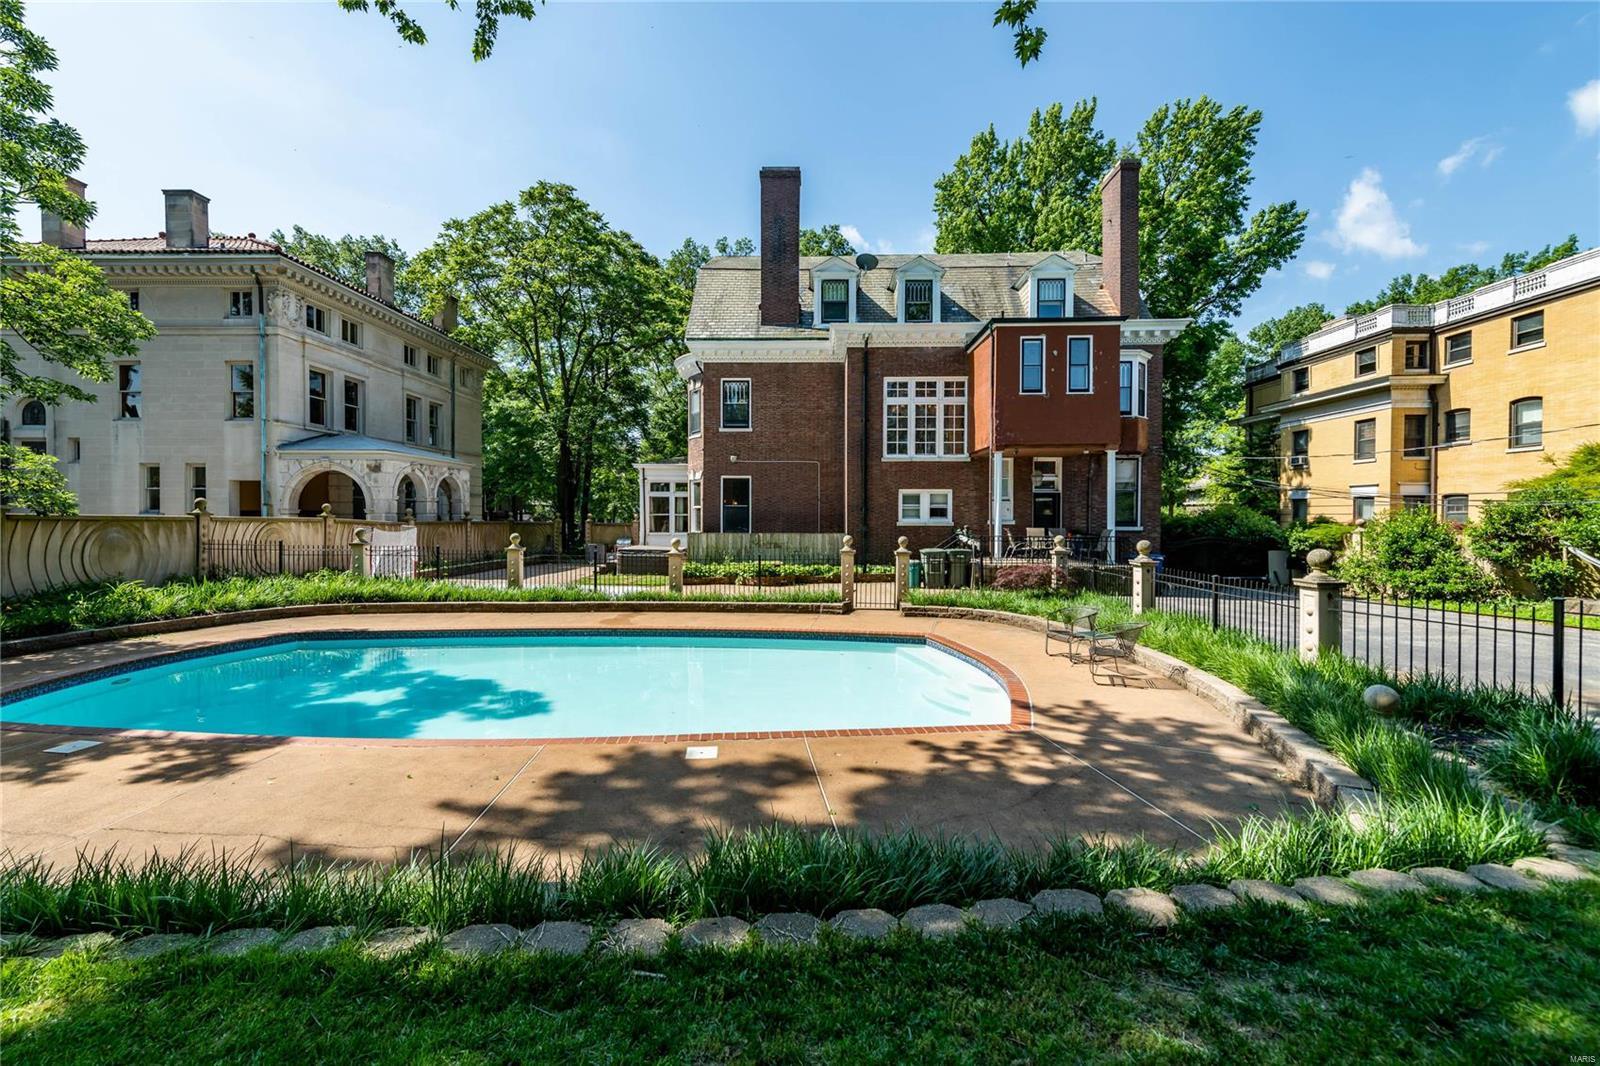 11 Washington Terr Property Photo - St Louis, MO real estate listing